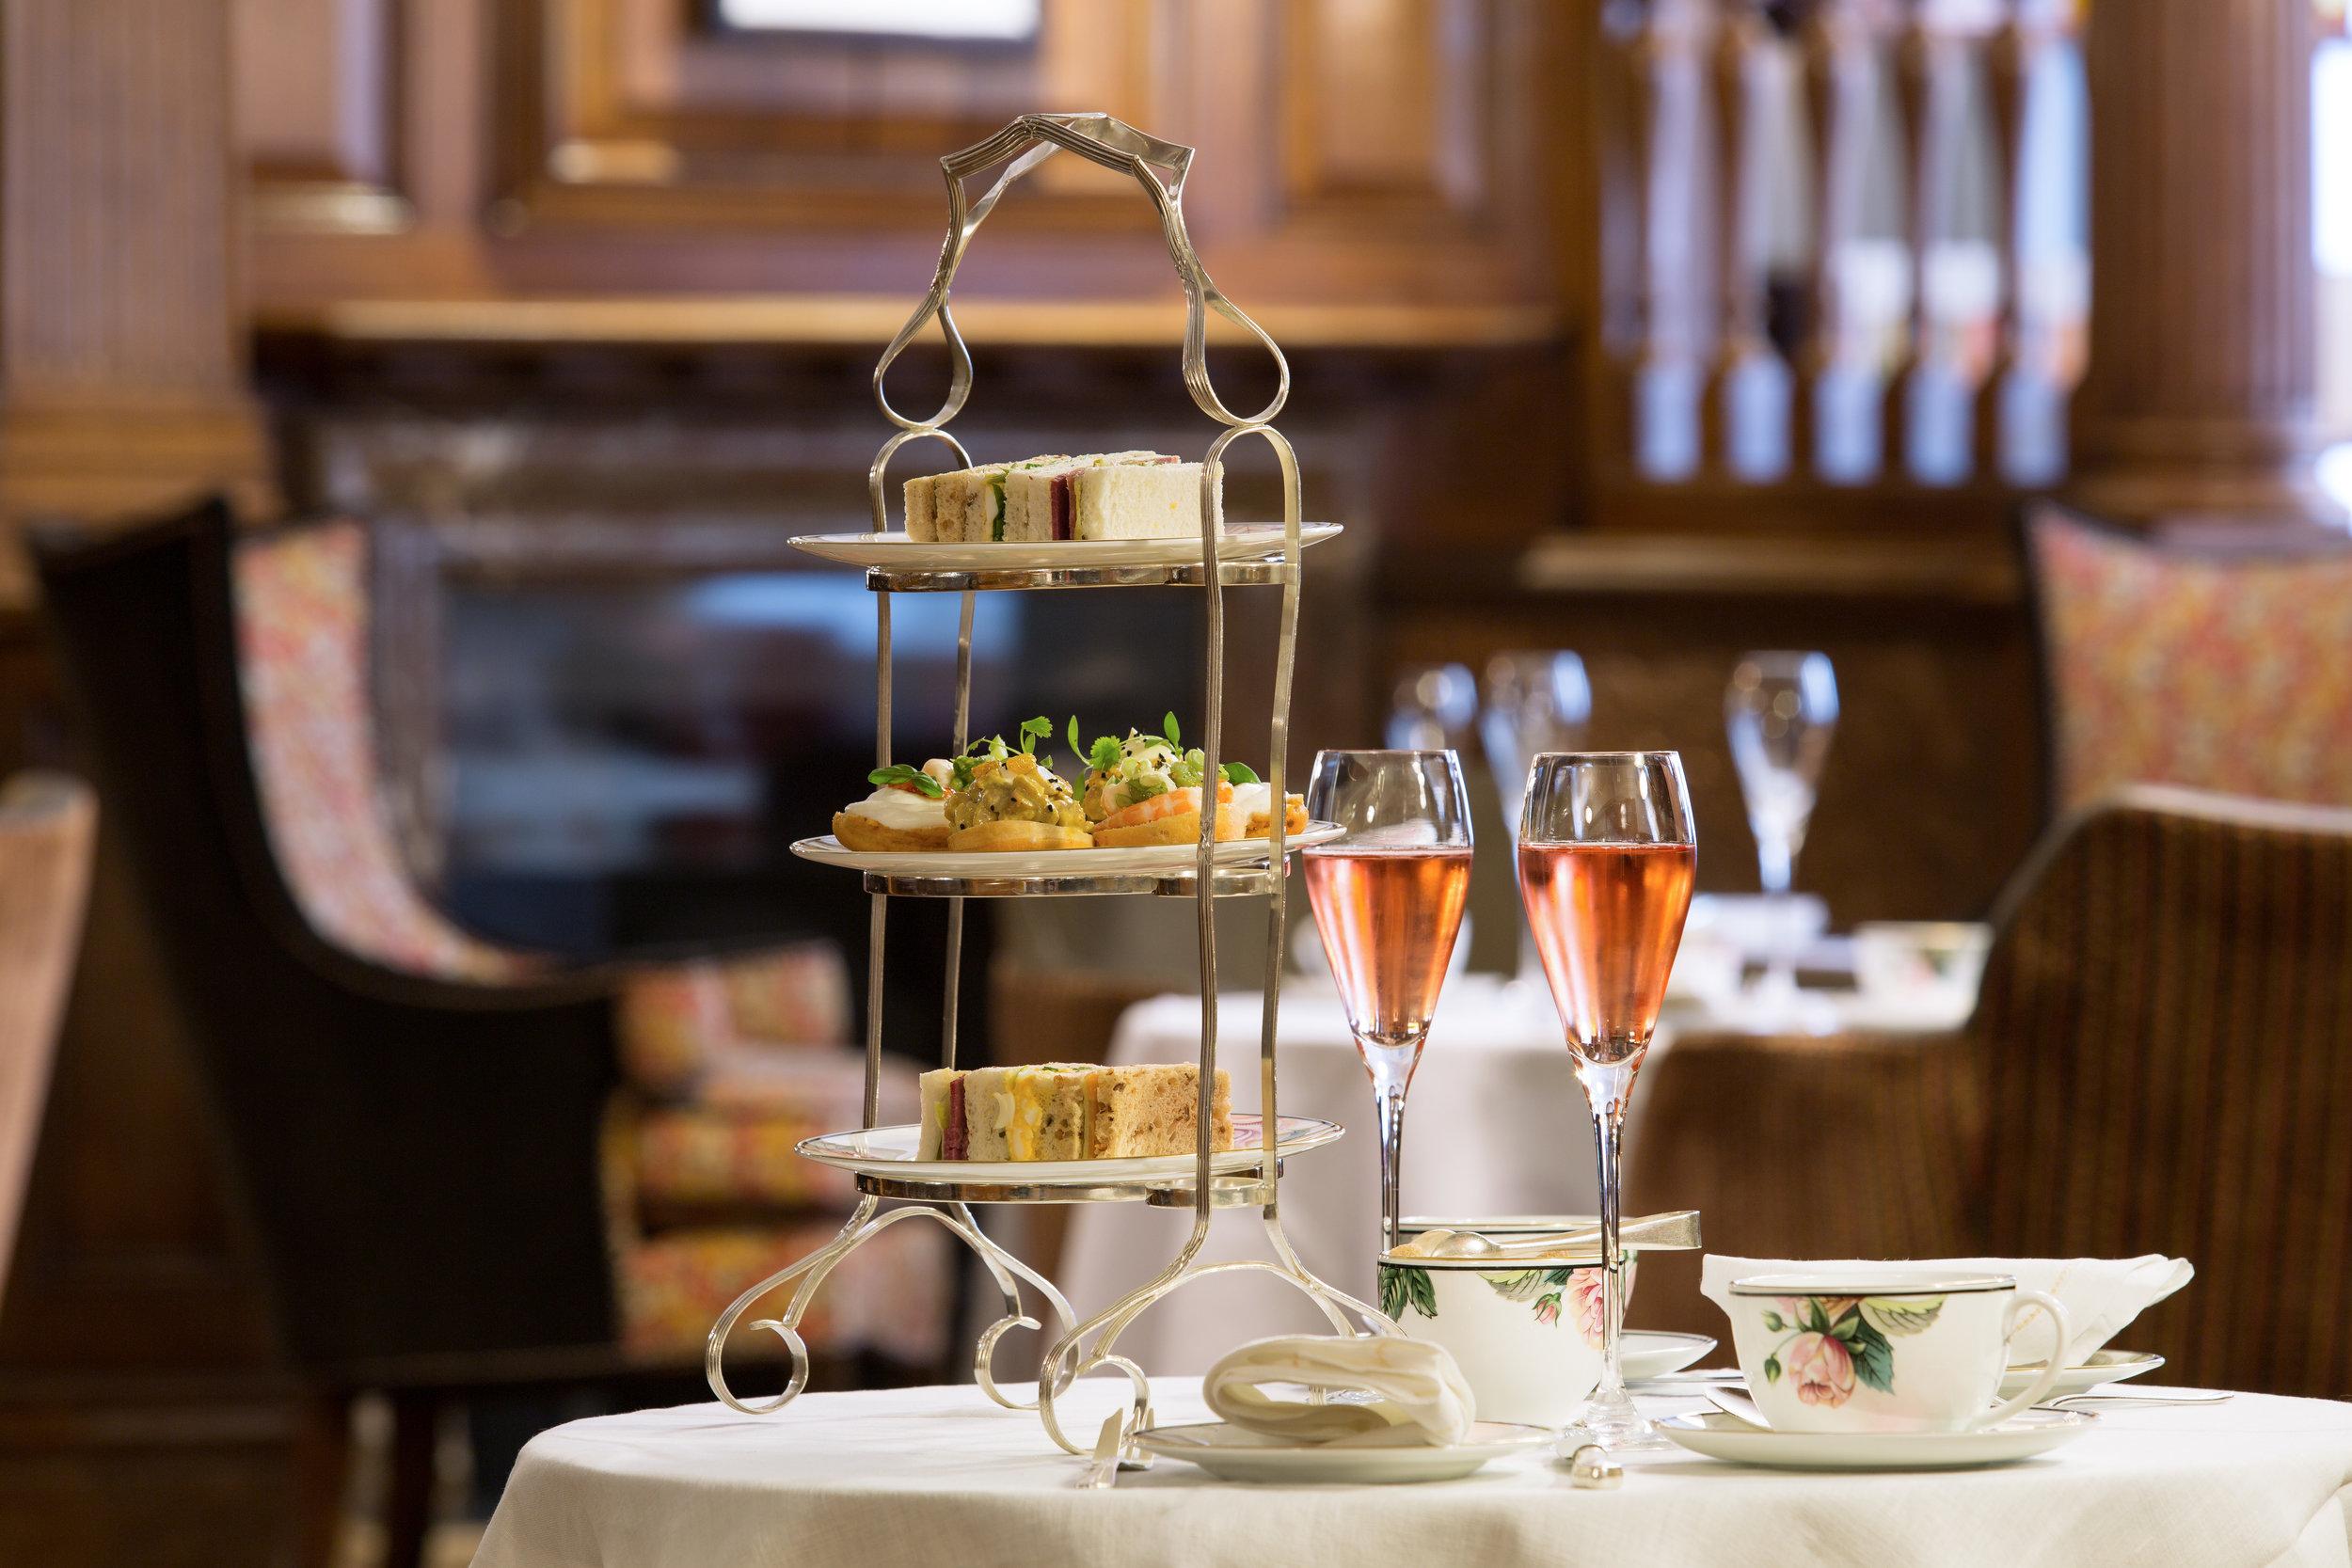 7 The Engilsh Tea Room at Brown's Hotel 6432 JG Oct 16.jpg